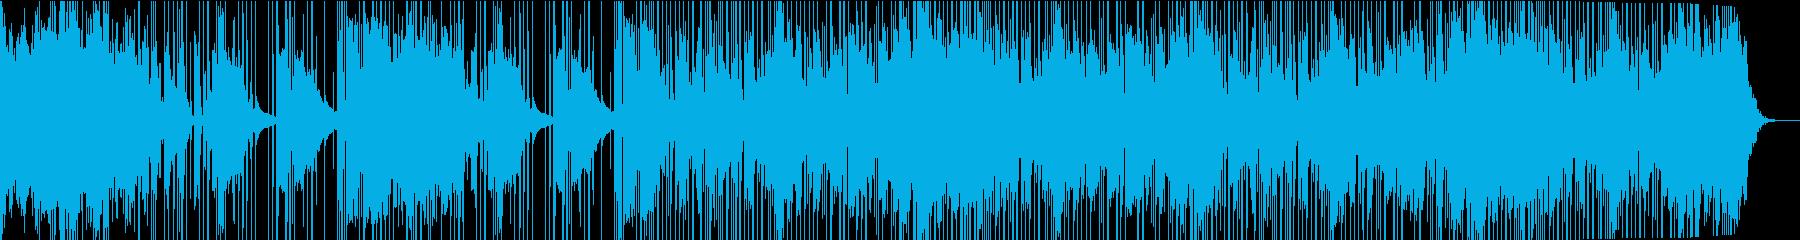 リズムメインのダンスナンバーの再生済みの波形